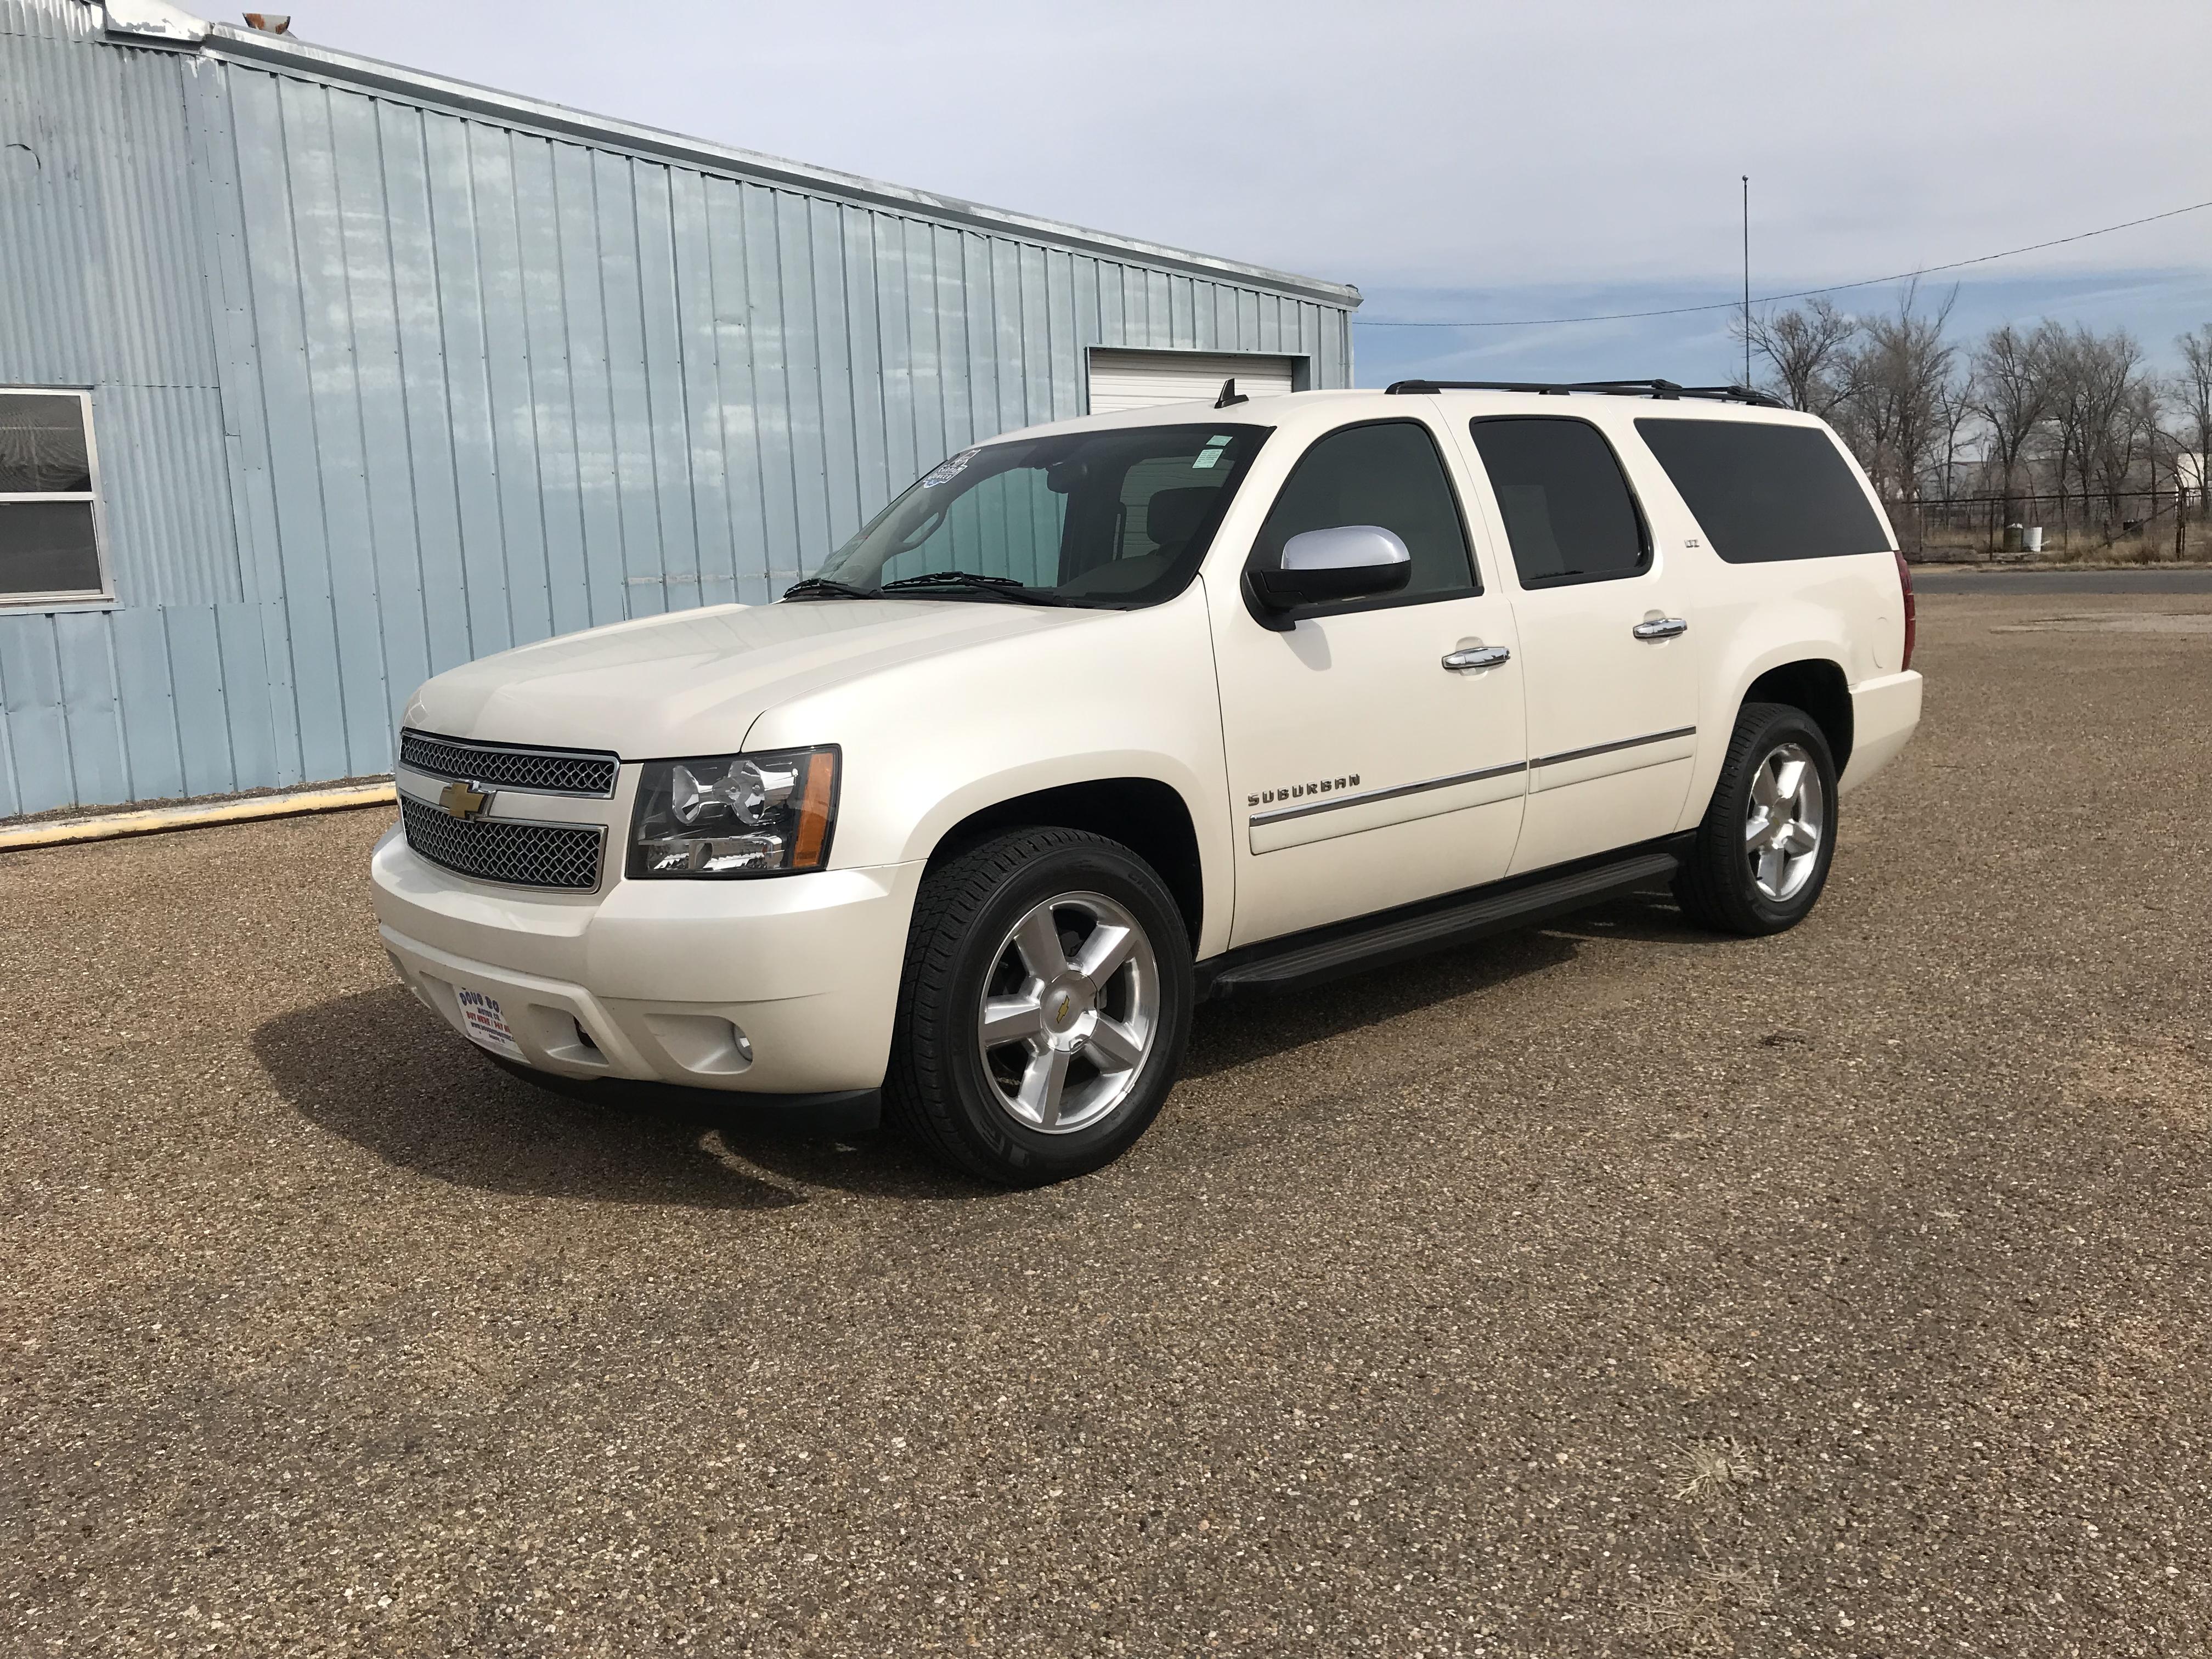 12 Chevrolet Suburban 131k 22 995 Chevrolet Suburban